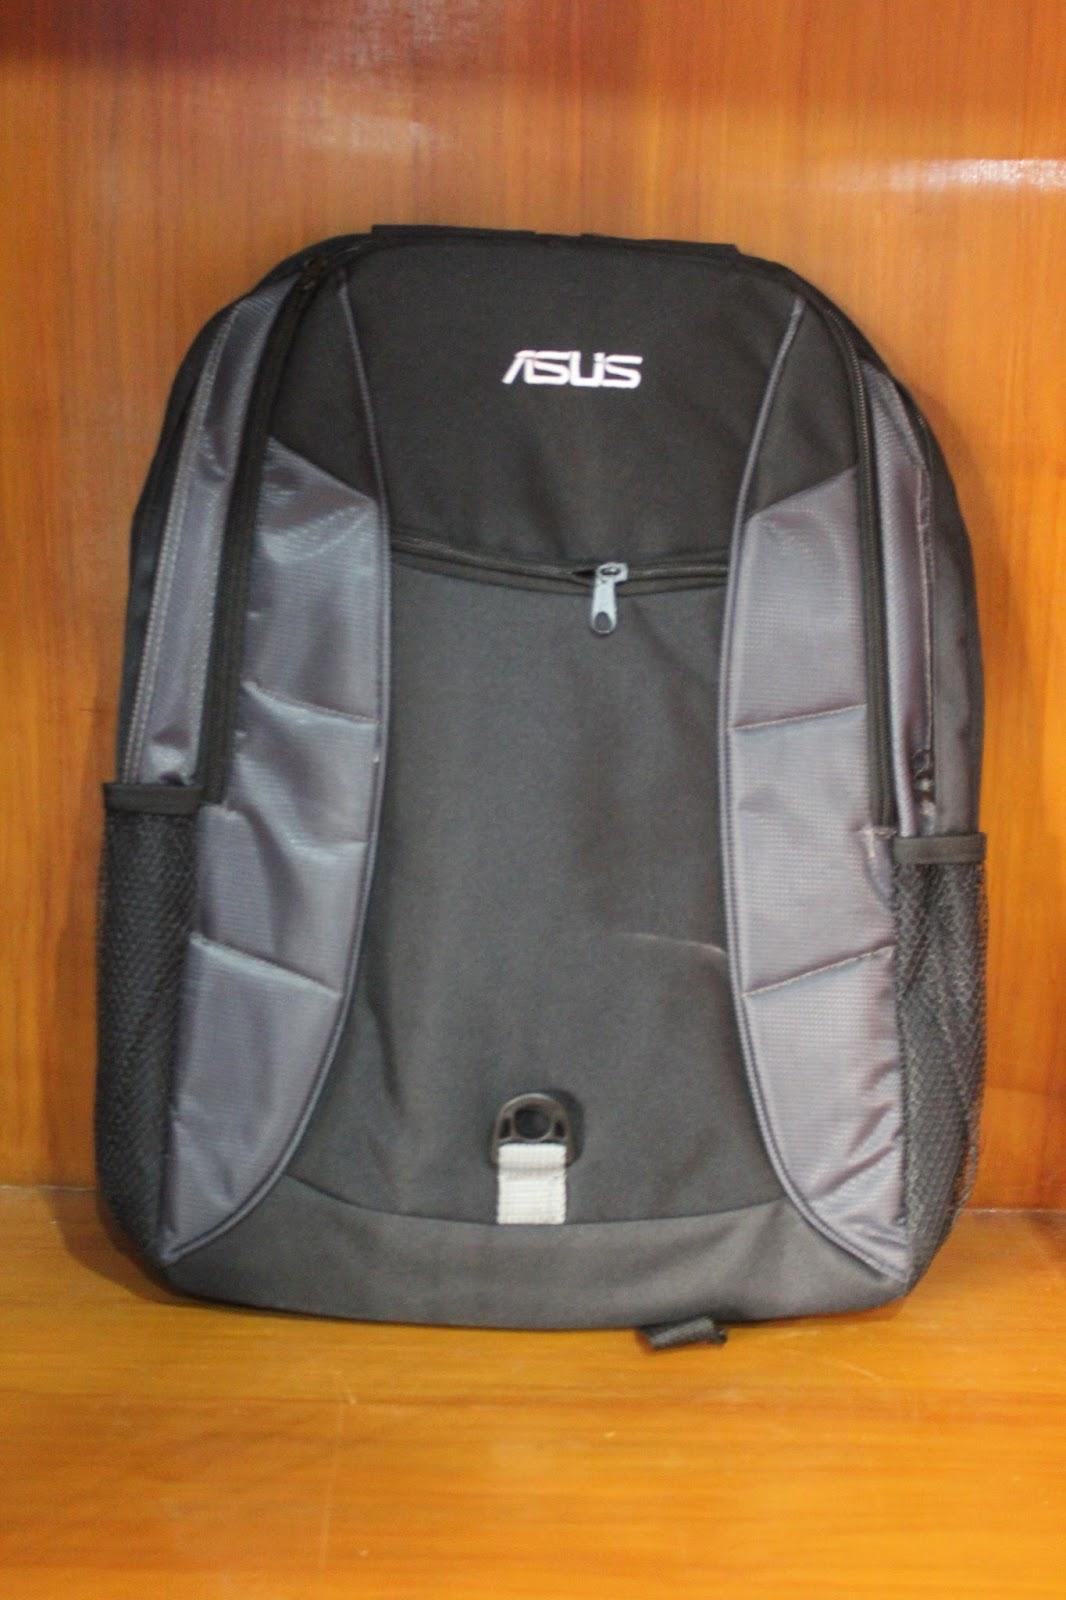 Asus Tas Rancel Original Hitam Daftar Update Harga Terbaru Lenovo Backpack 156 Search Cheapest Prices Source Jual Laptop Ransel